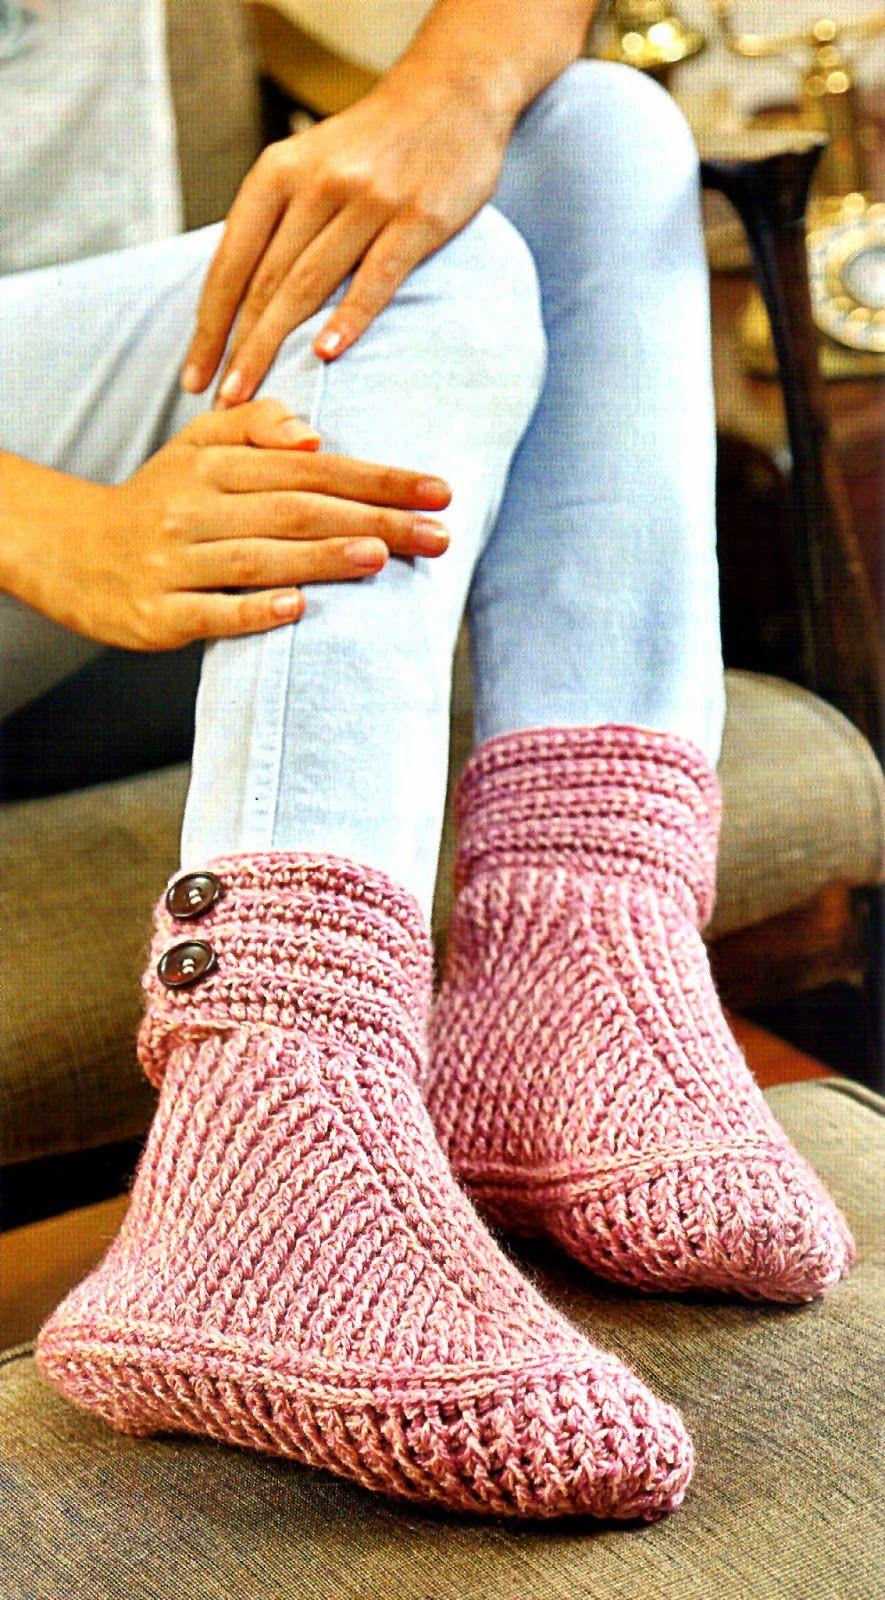 tejidos artesanales en crochet: zapato tejido en crochet con puño abotonado